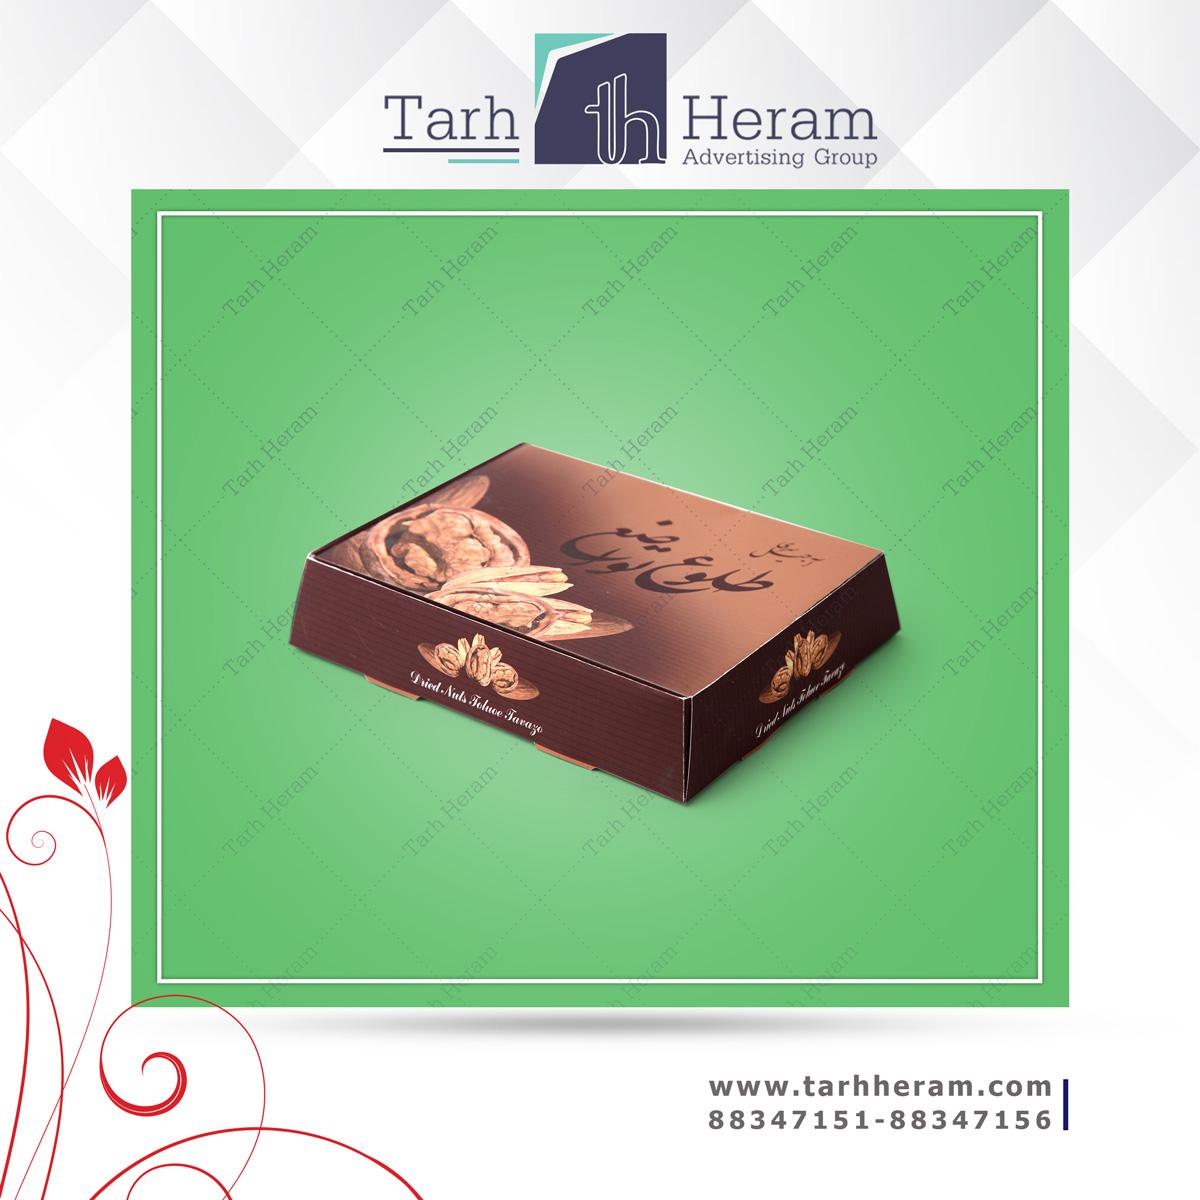 طراحی جعبه آجیل شرکت طلوع تواضع